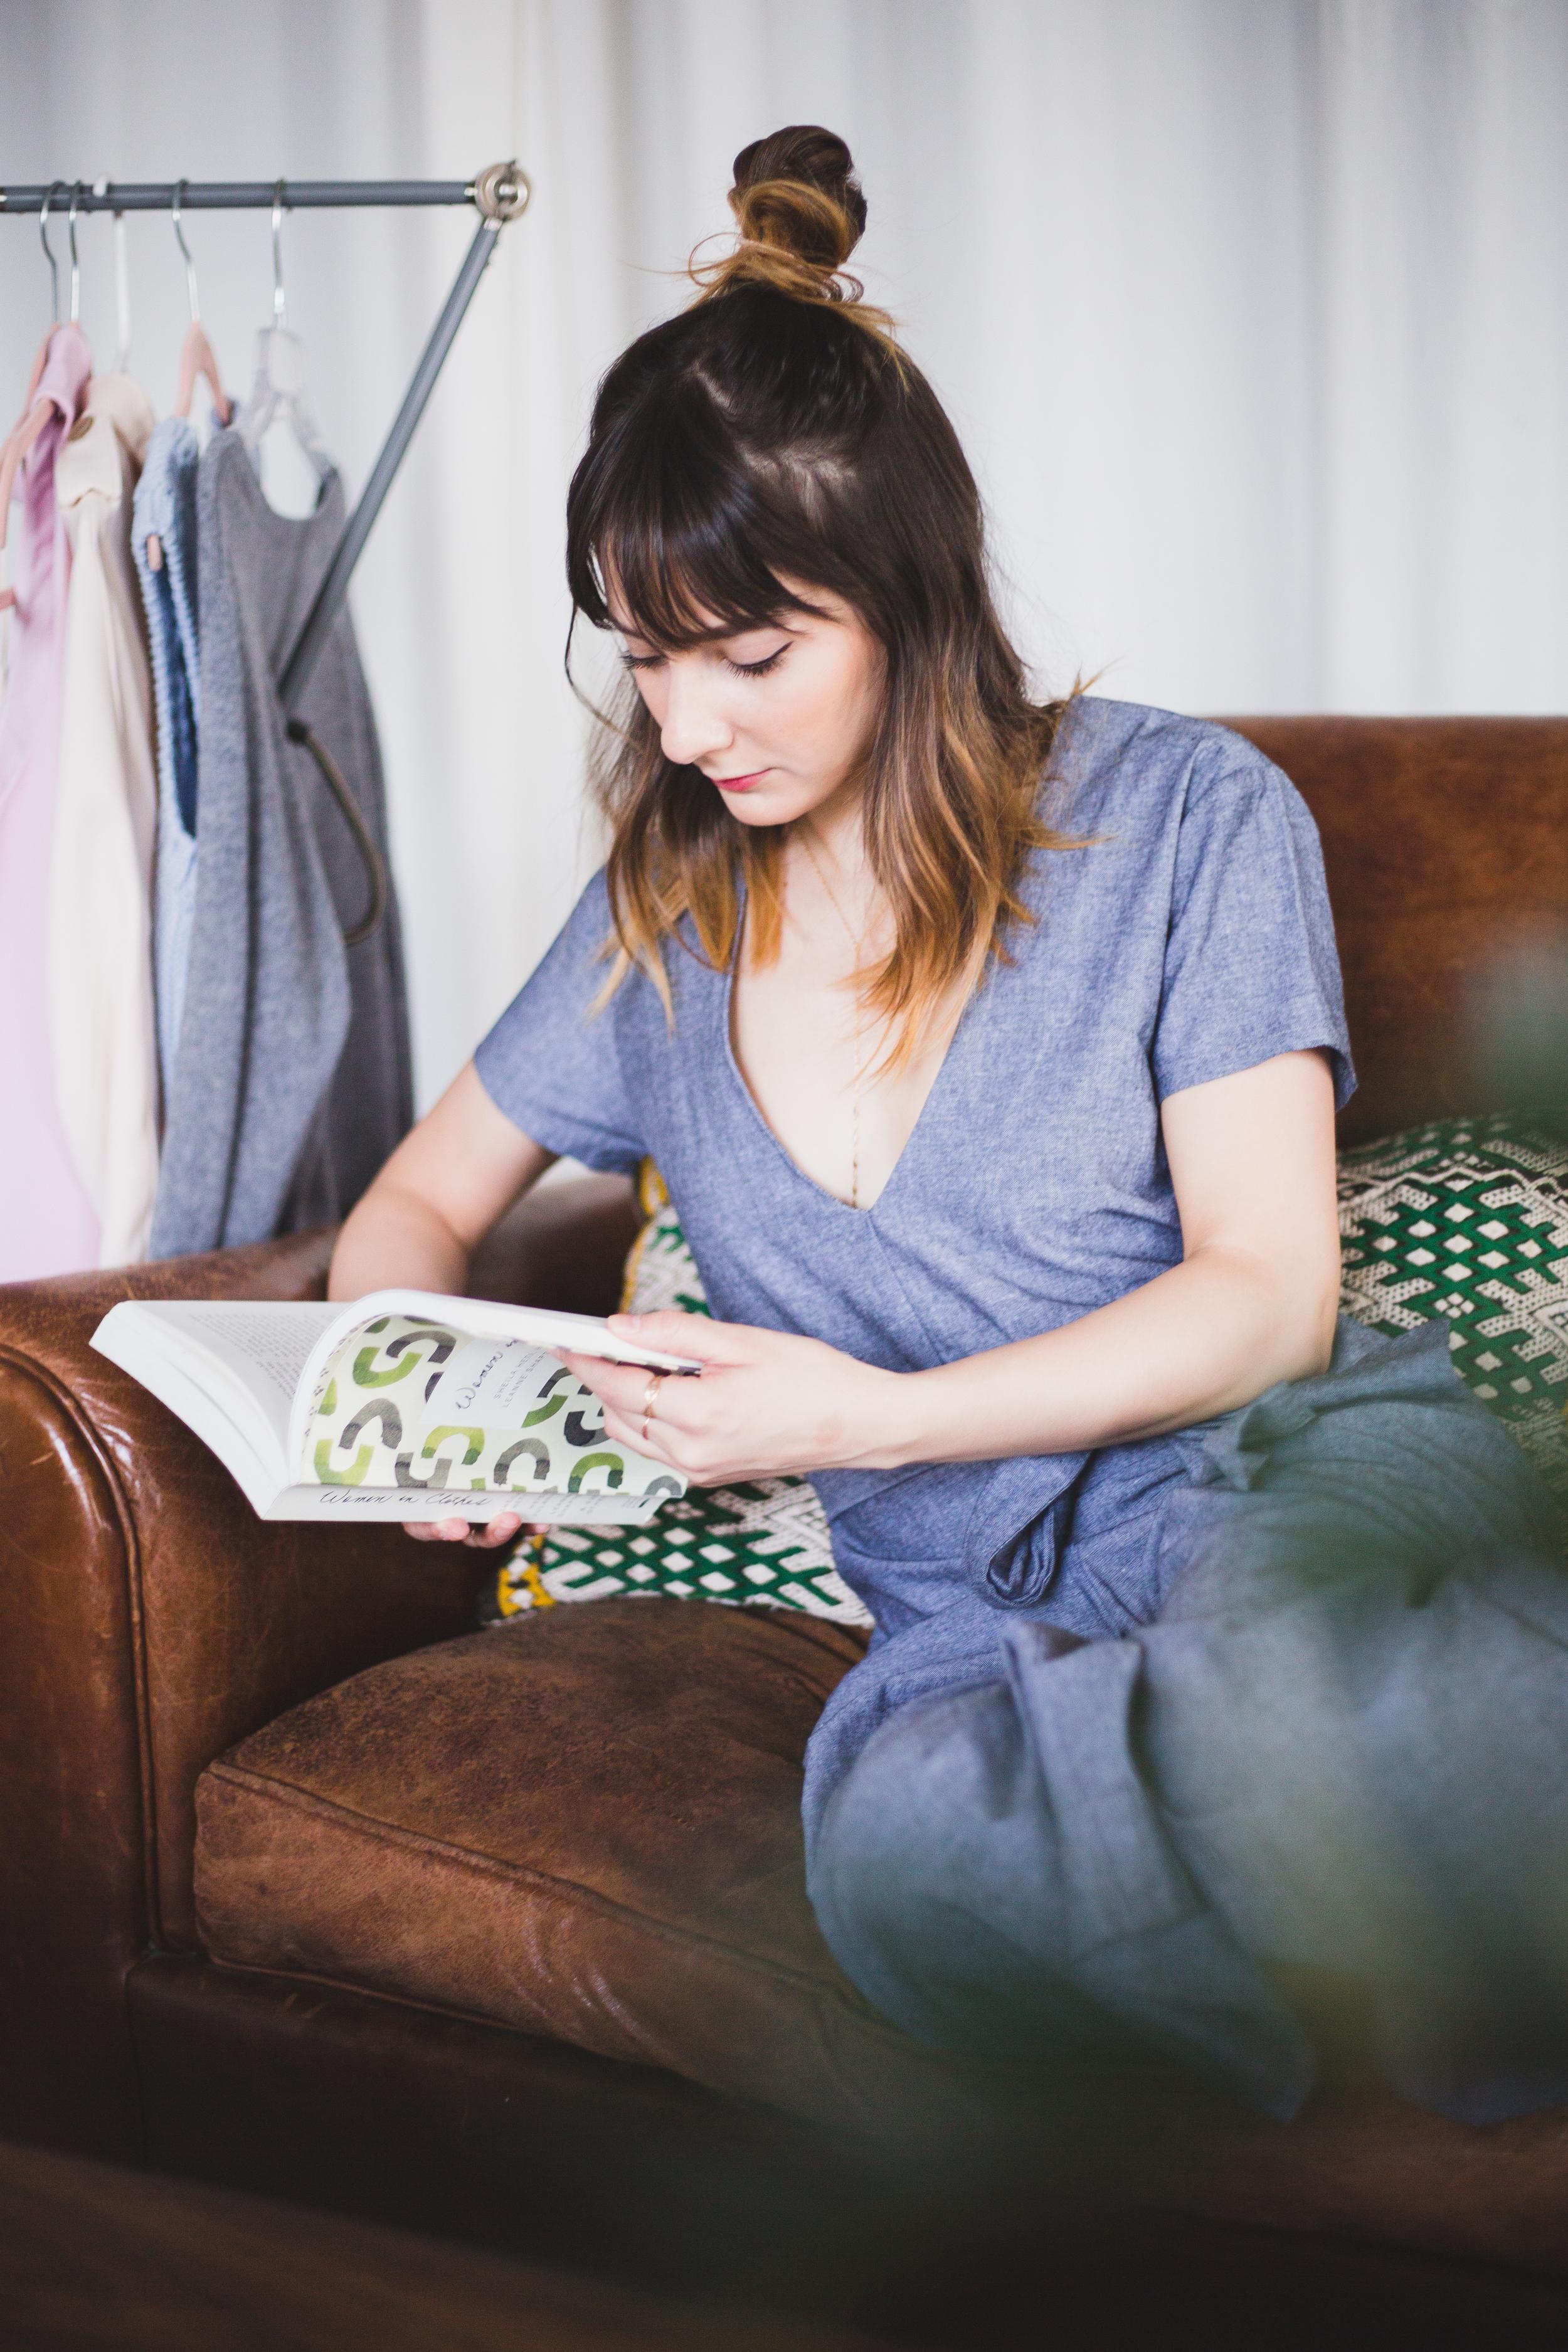 Alyssa Coscarelli